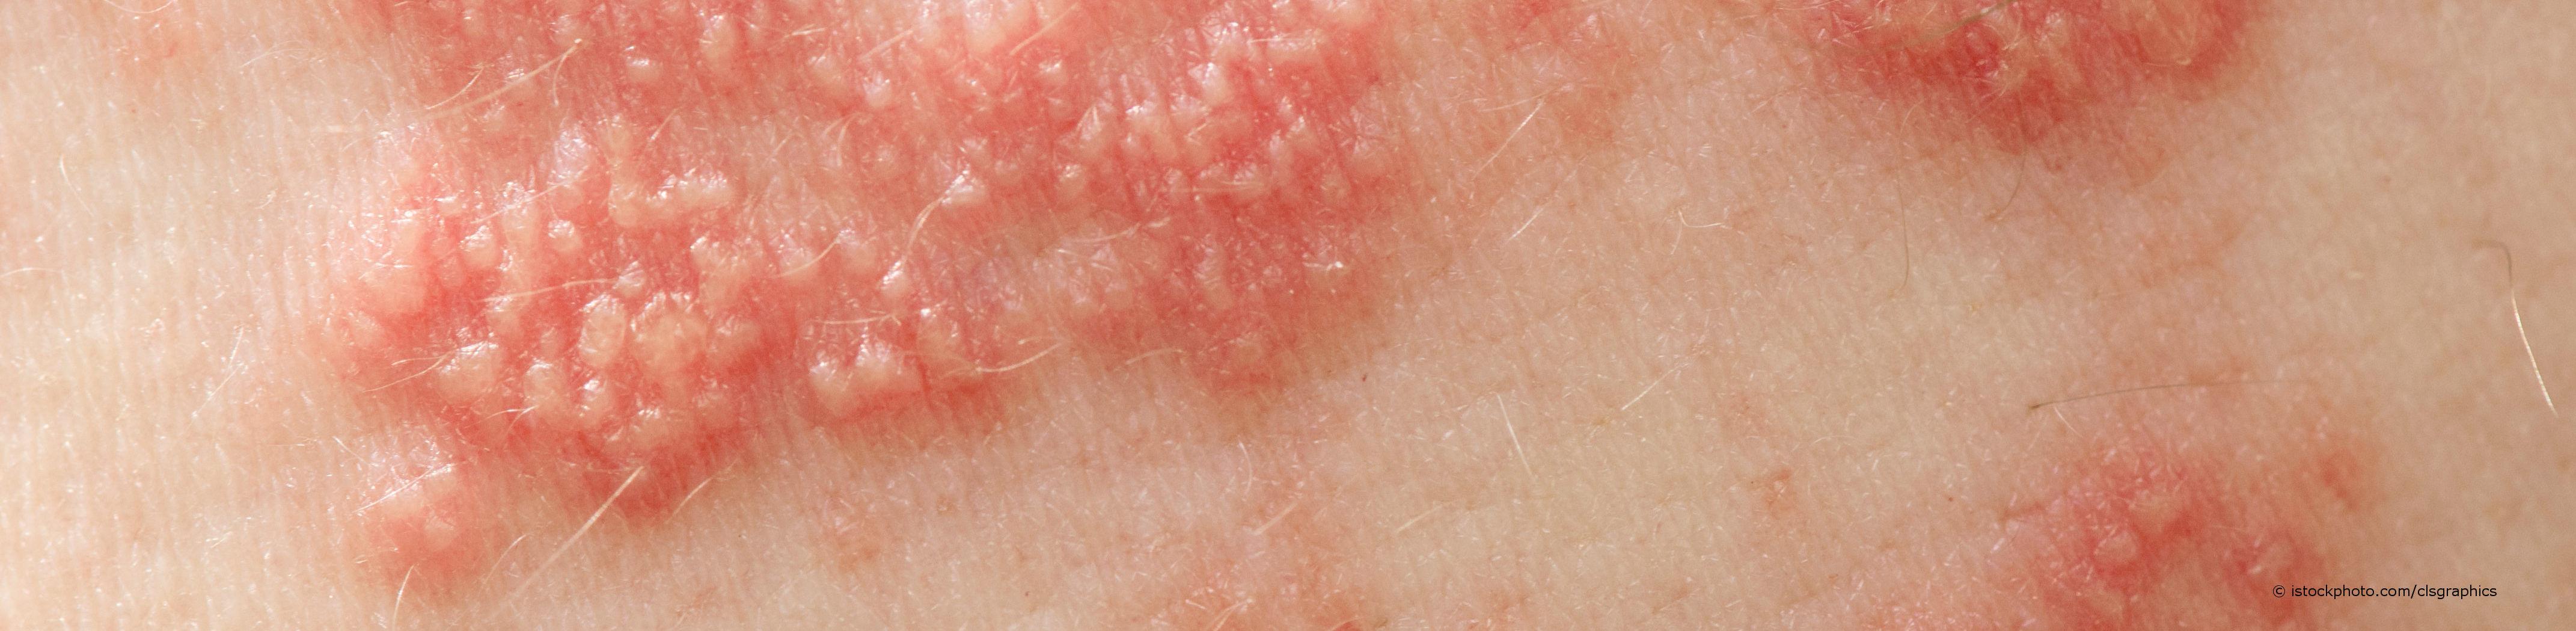 Gürtelrose (Herpes zoster) ist ein halbseitiger, gürtelähnlicher, stark schmerzender Hautausschlag.